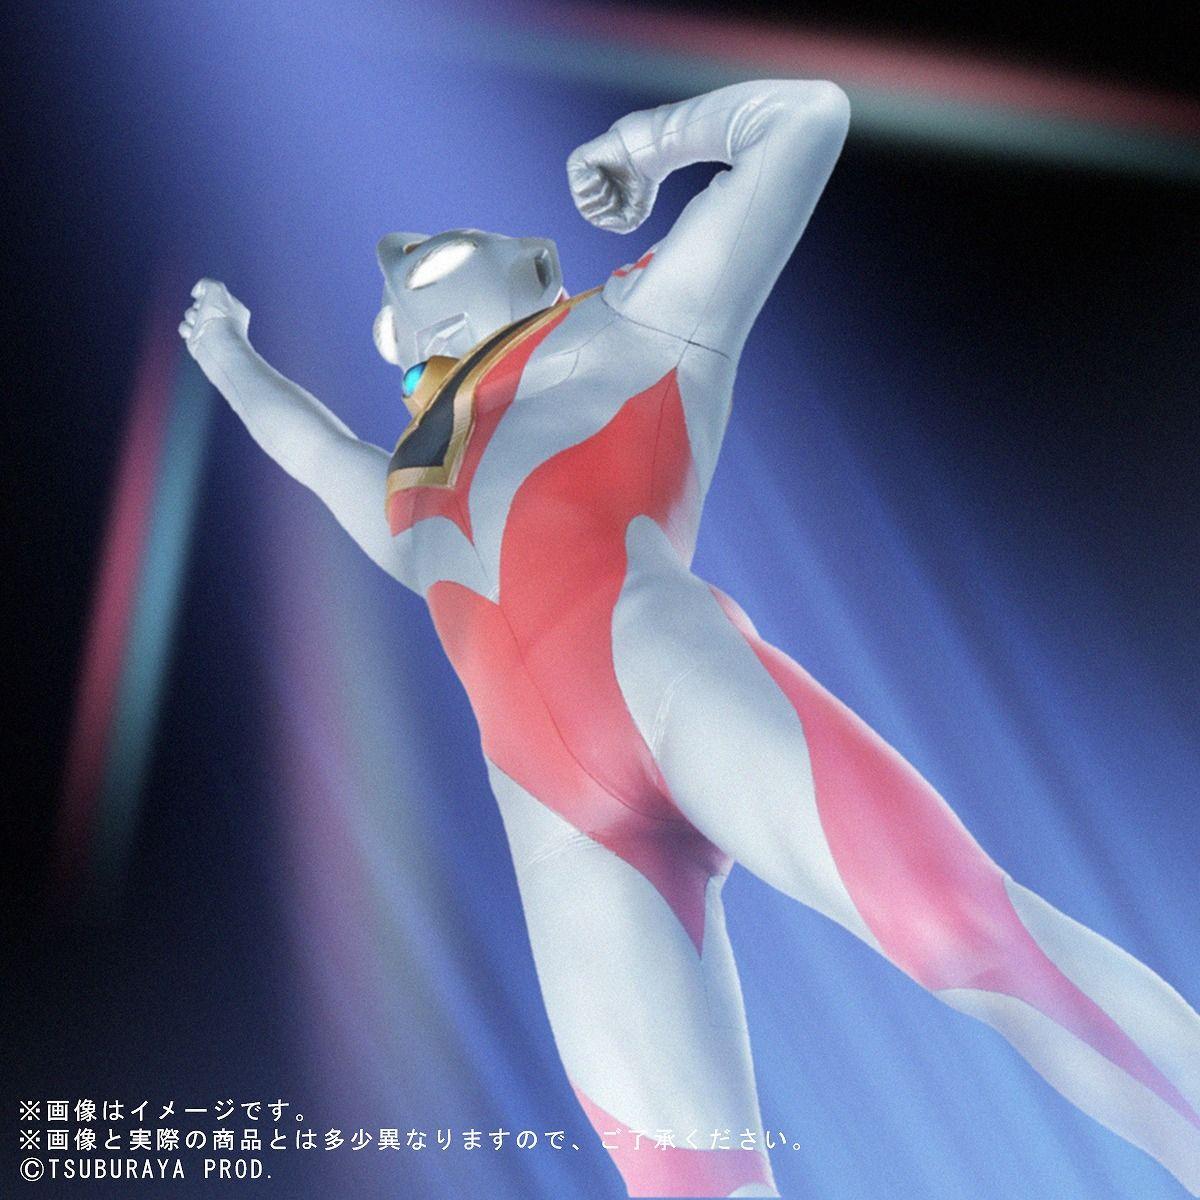 大怪獣シリーズ ULTRA NEW GENERATION『ウルトラマンガイア(V2)登場ポーズ』完成品フィギュア-008